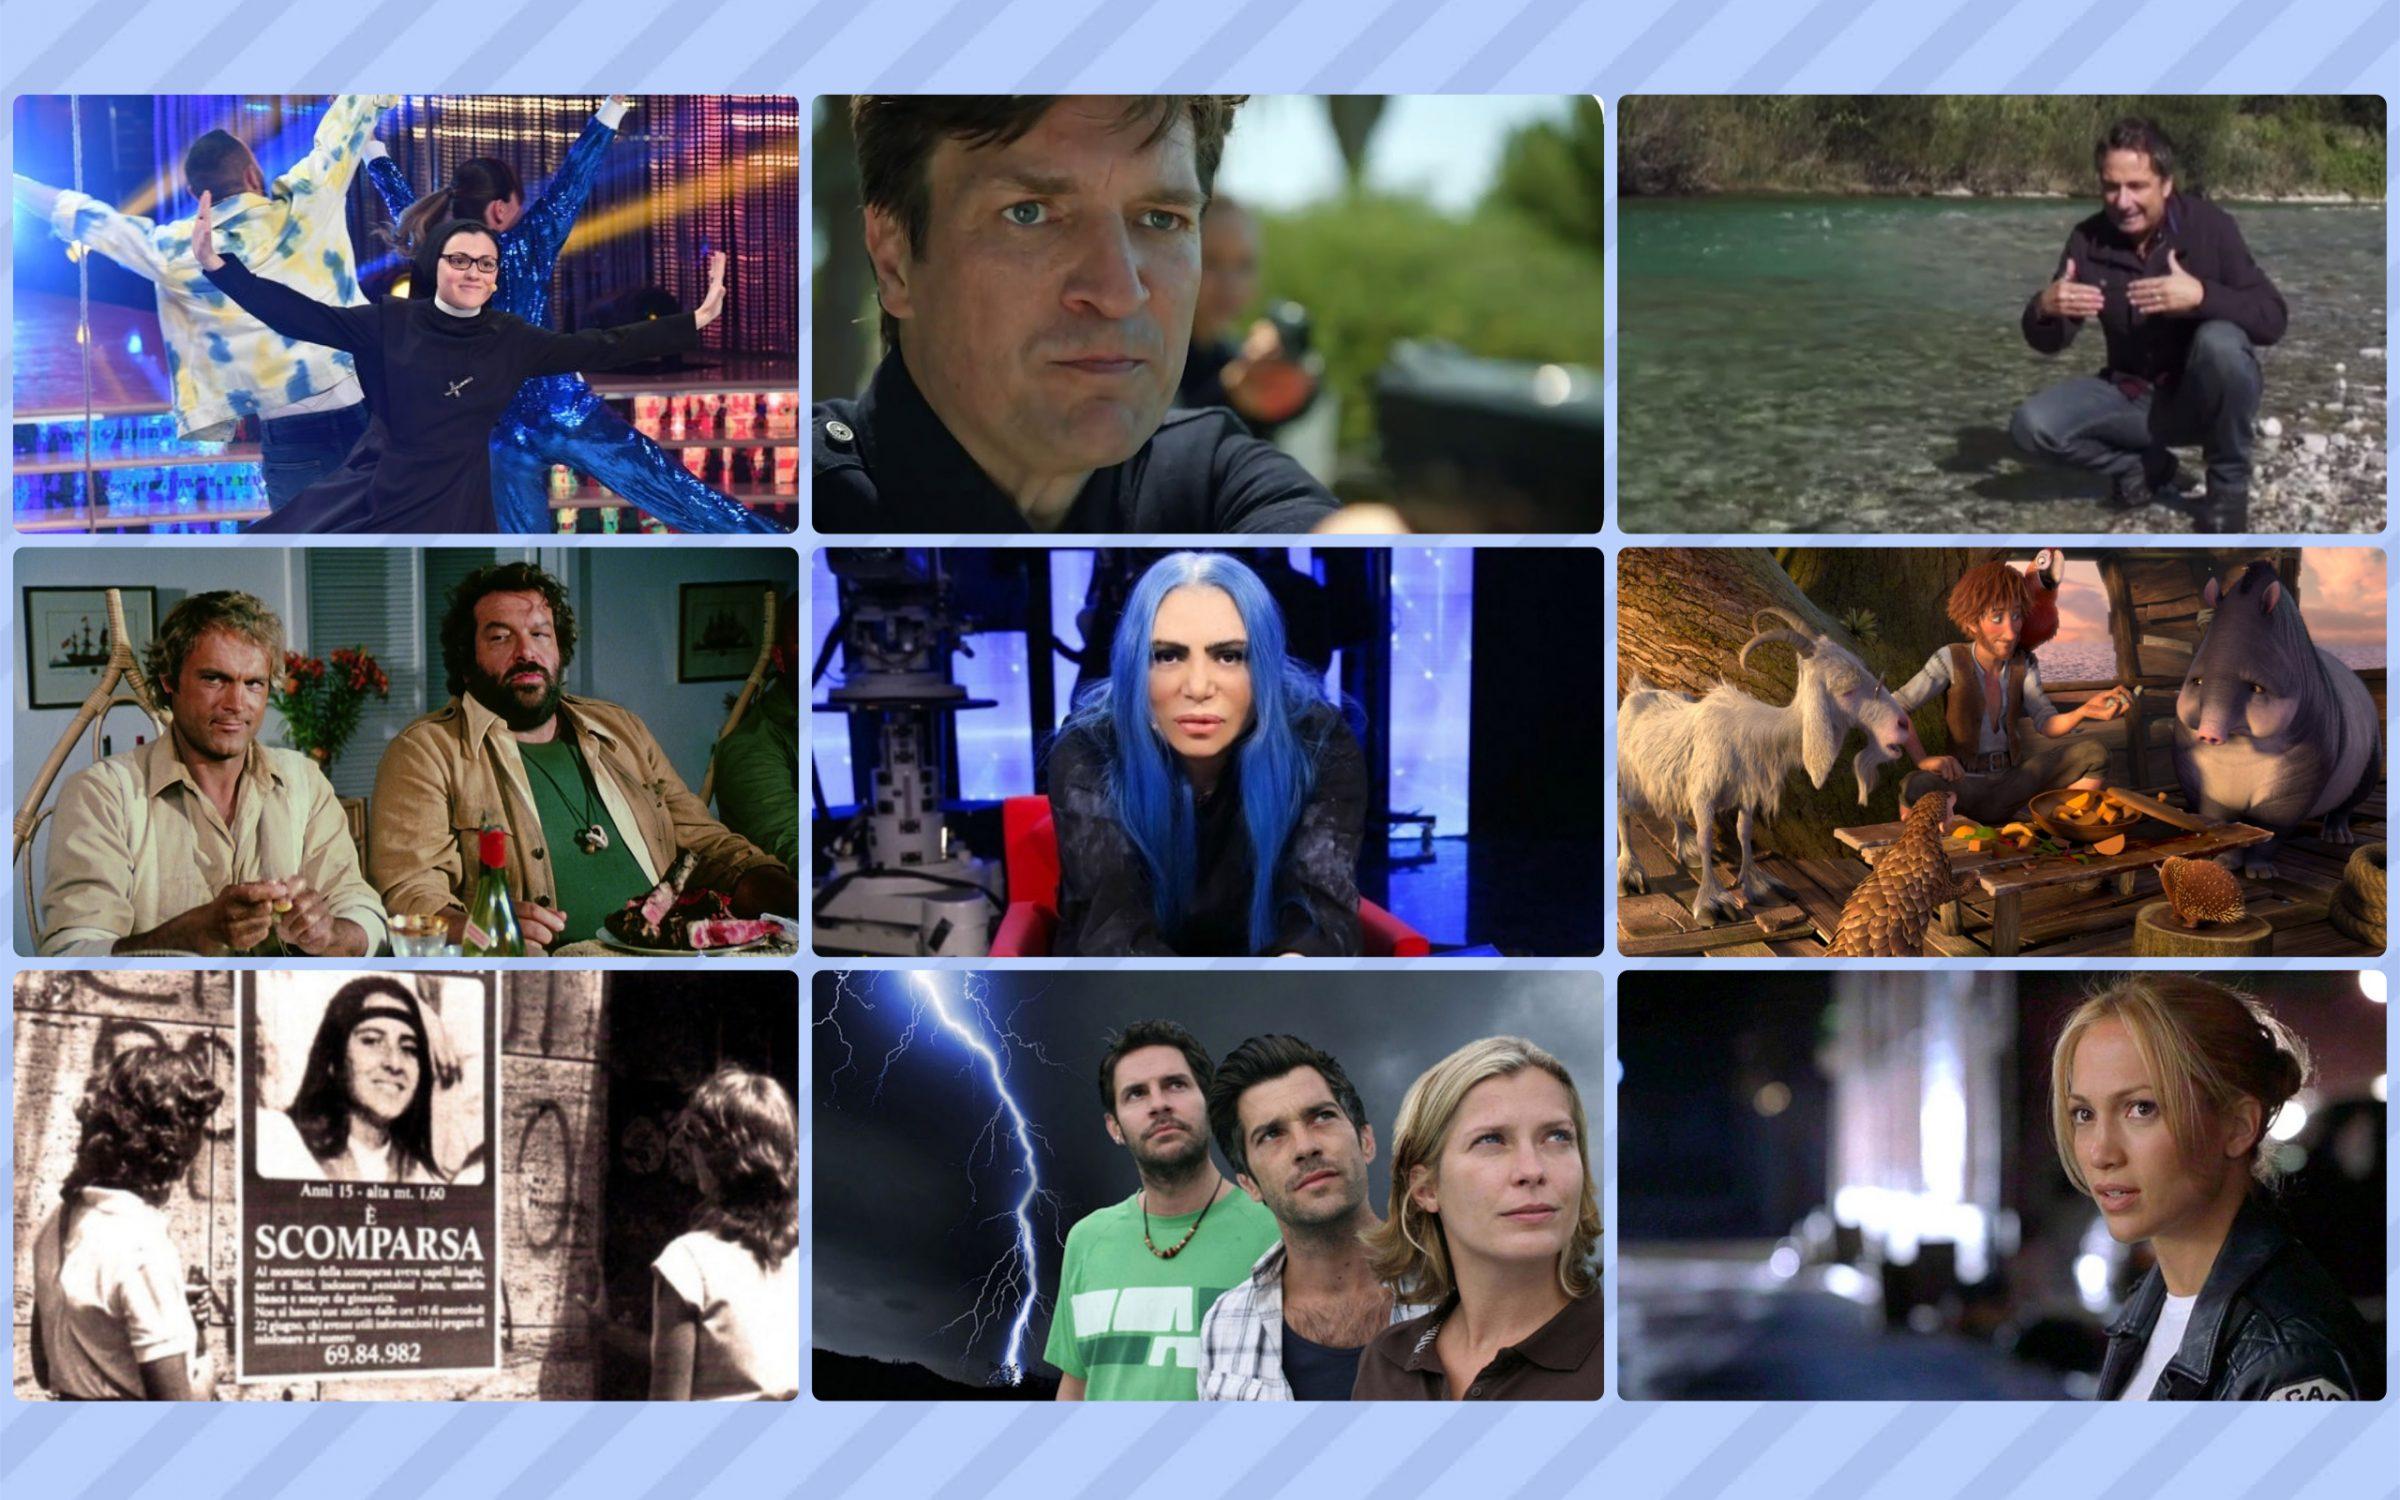 STASERA IN TV & TOTOSHARE 13 APRILE 2019: #BALLANDO VS #AMICI18, TRA #SAPIENS, IL FILM DI ANIMAZIONE #ROBINSONCRUSOE E